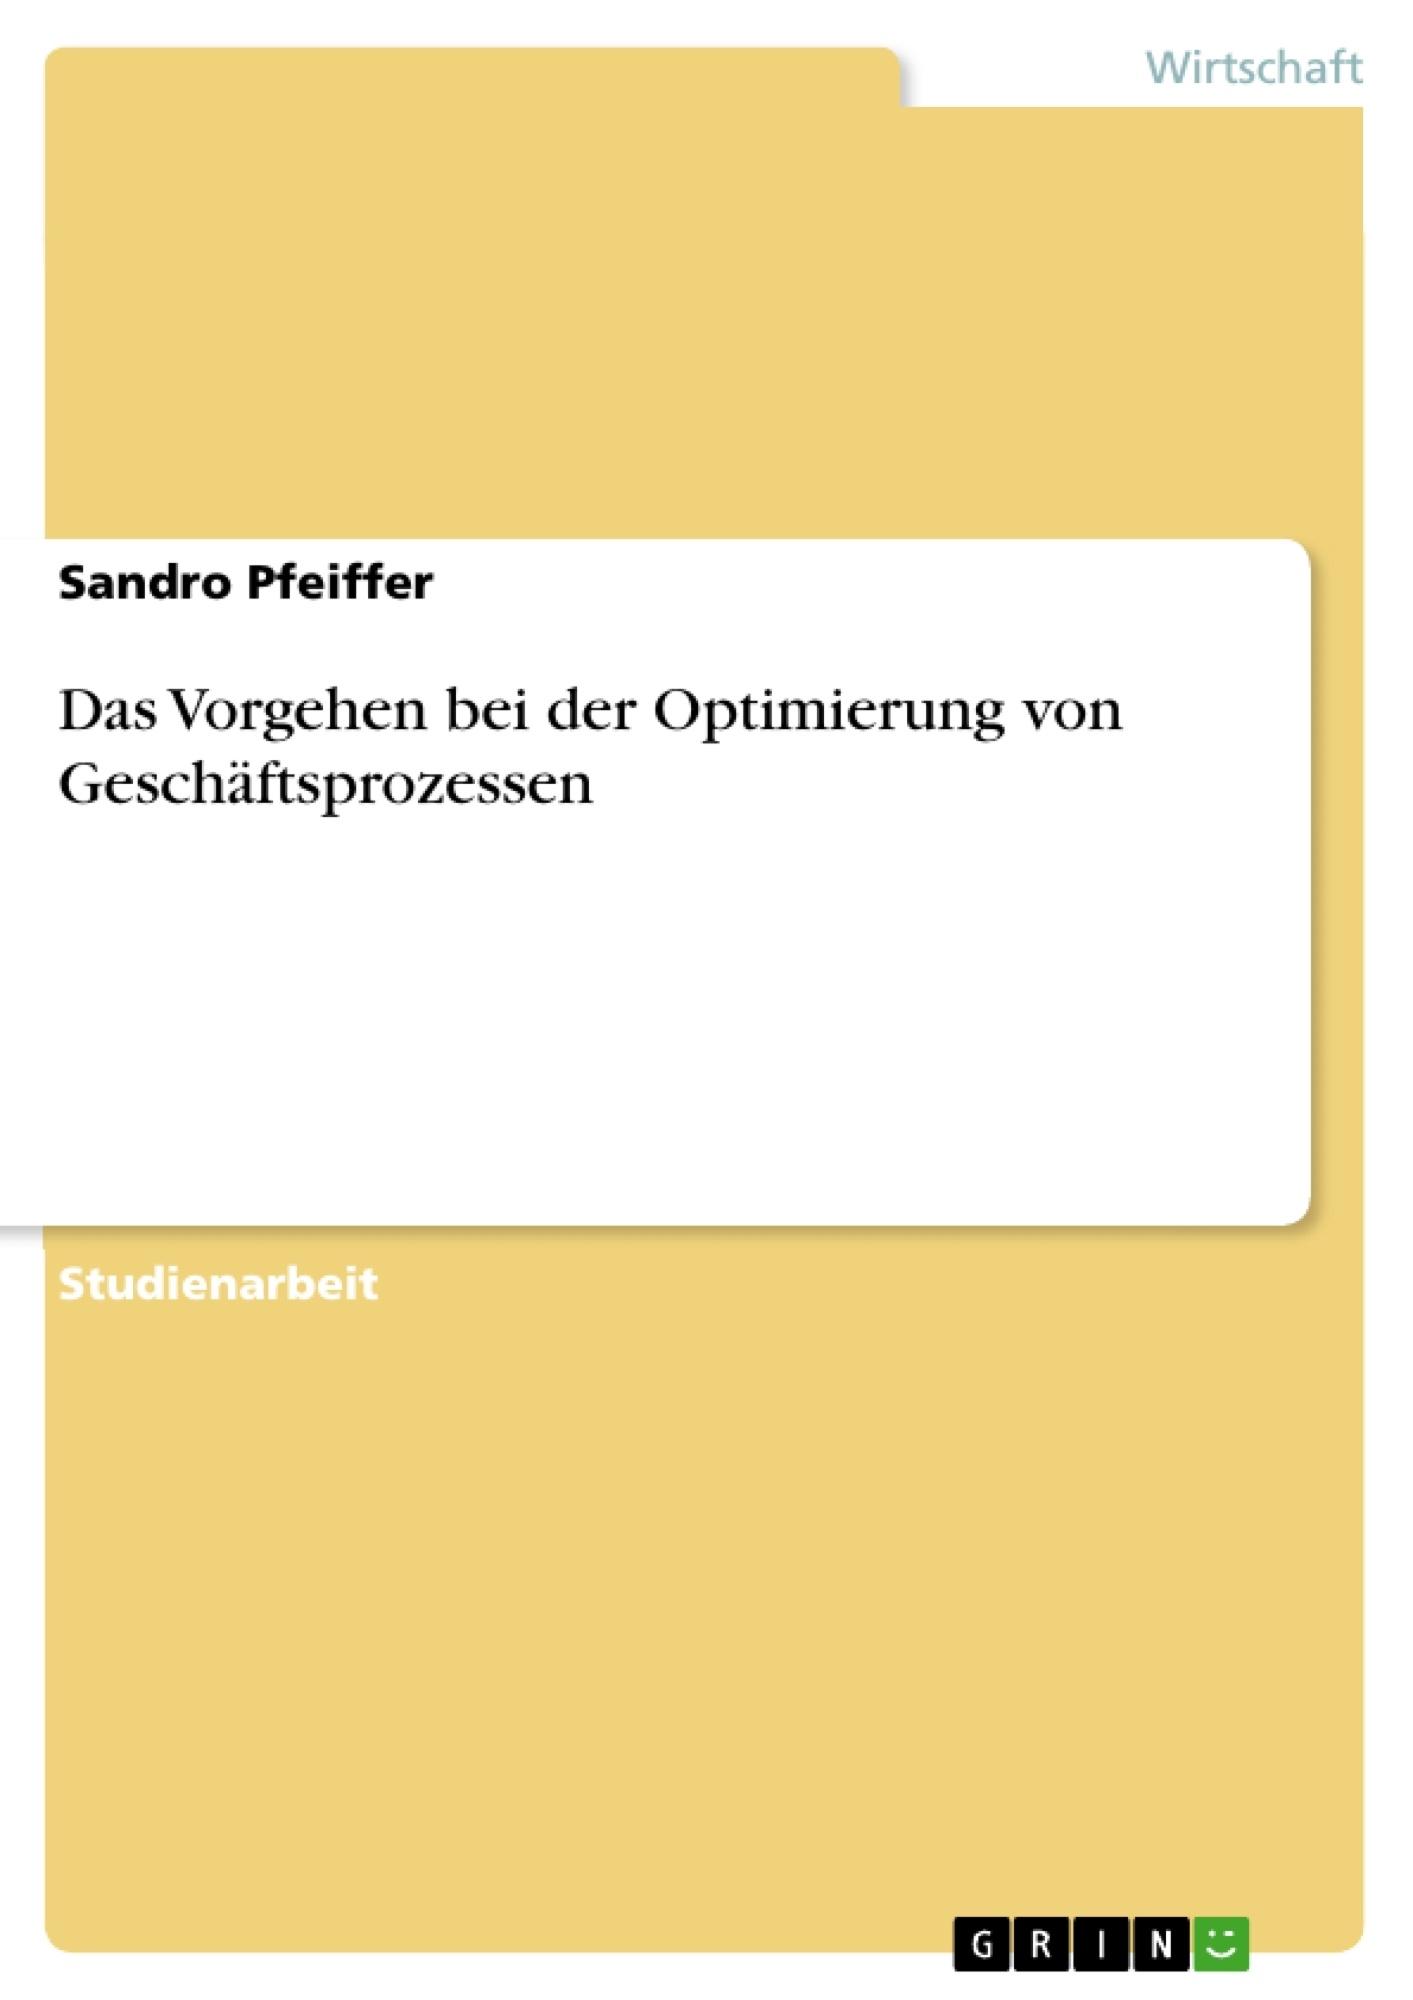 Titel: Das Vorgehen bei der Optimierung von Geschäftsprozessen